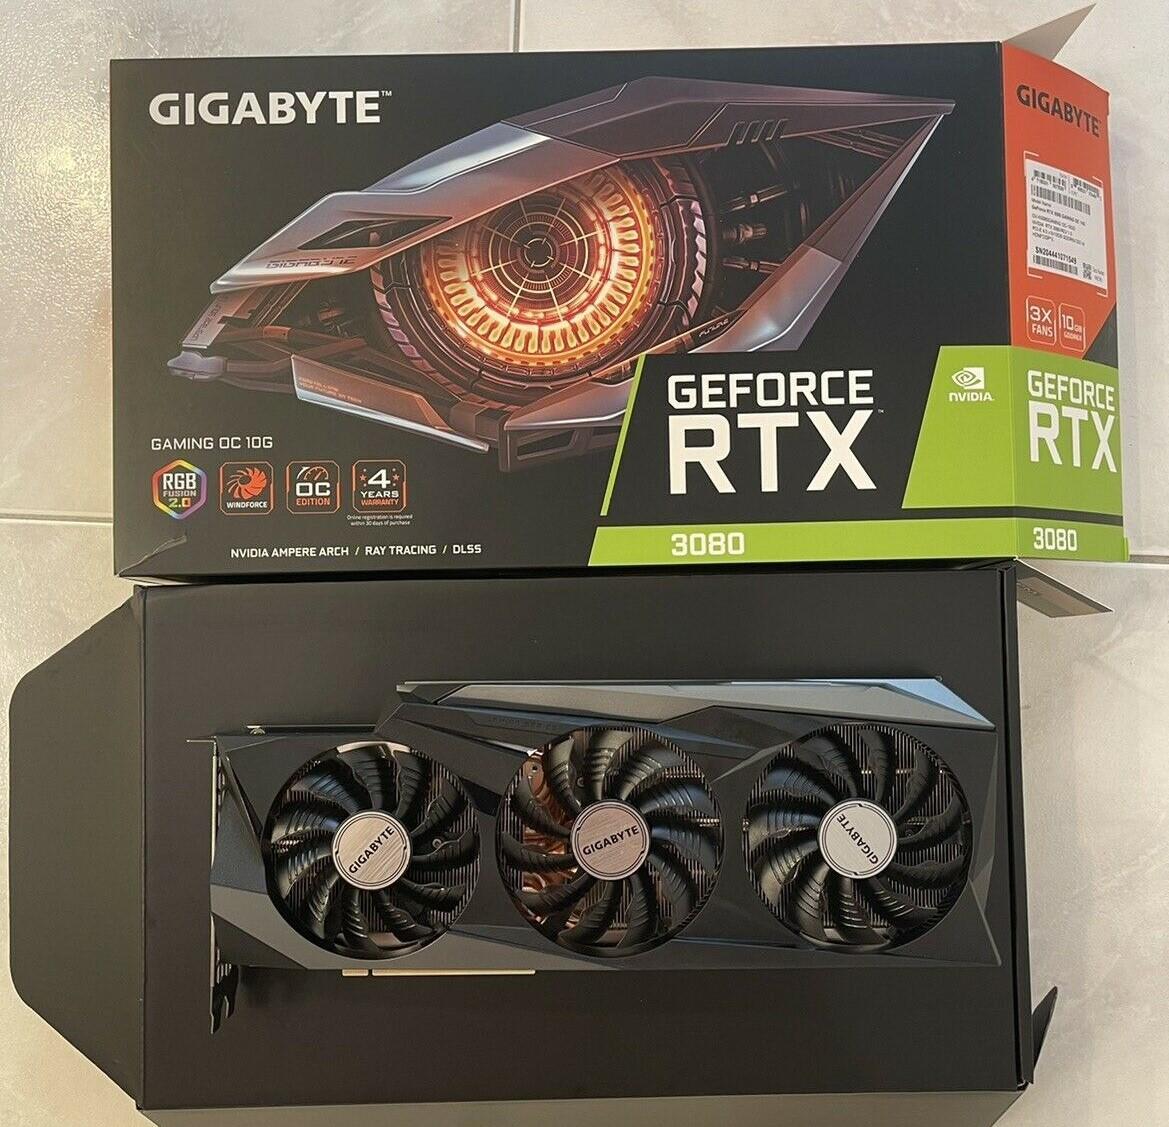 NVIDIA GEFORCE RTX 3090, RTX 3080, RTX 3080 TI, RTX 3070, RTX 3070 TI, RTX 3060 TI , RTX 3060, AMD RADEON RX 6900 XT , RADEON RX 6800 XT, RADEON RX 6700 XT, RADEON RX 5700 XT